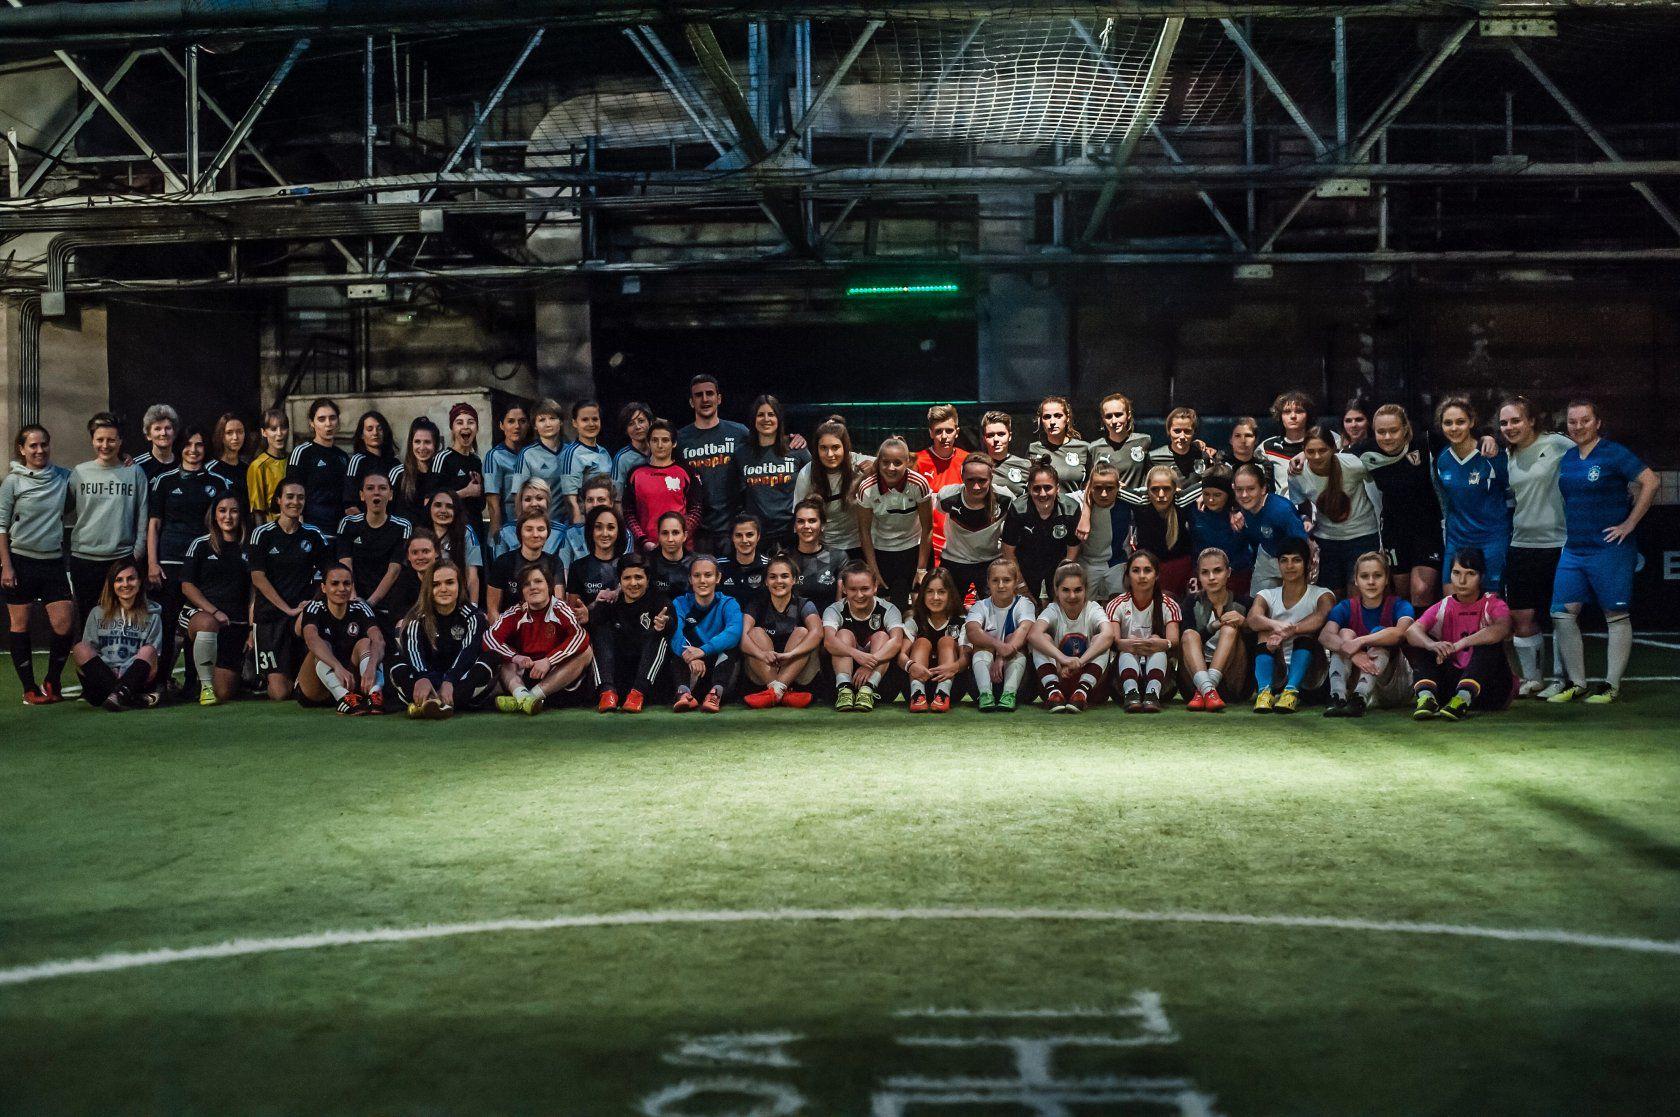 Занятия в женской школе футбола GirlPower фото 3